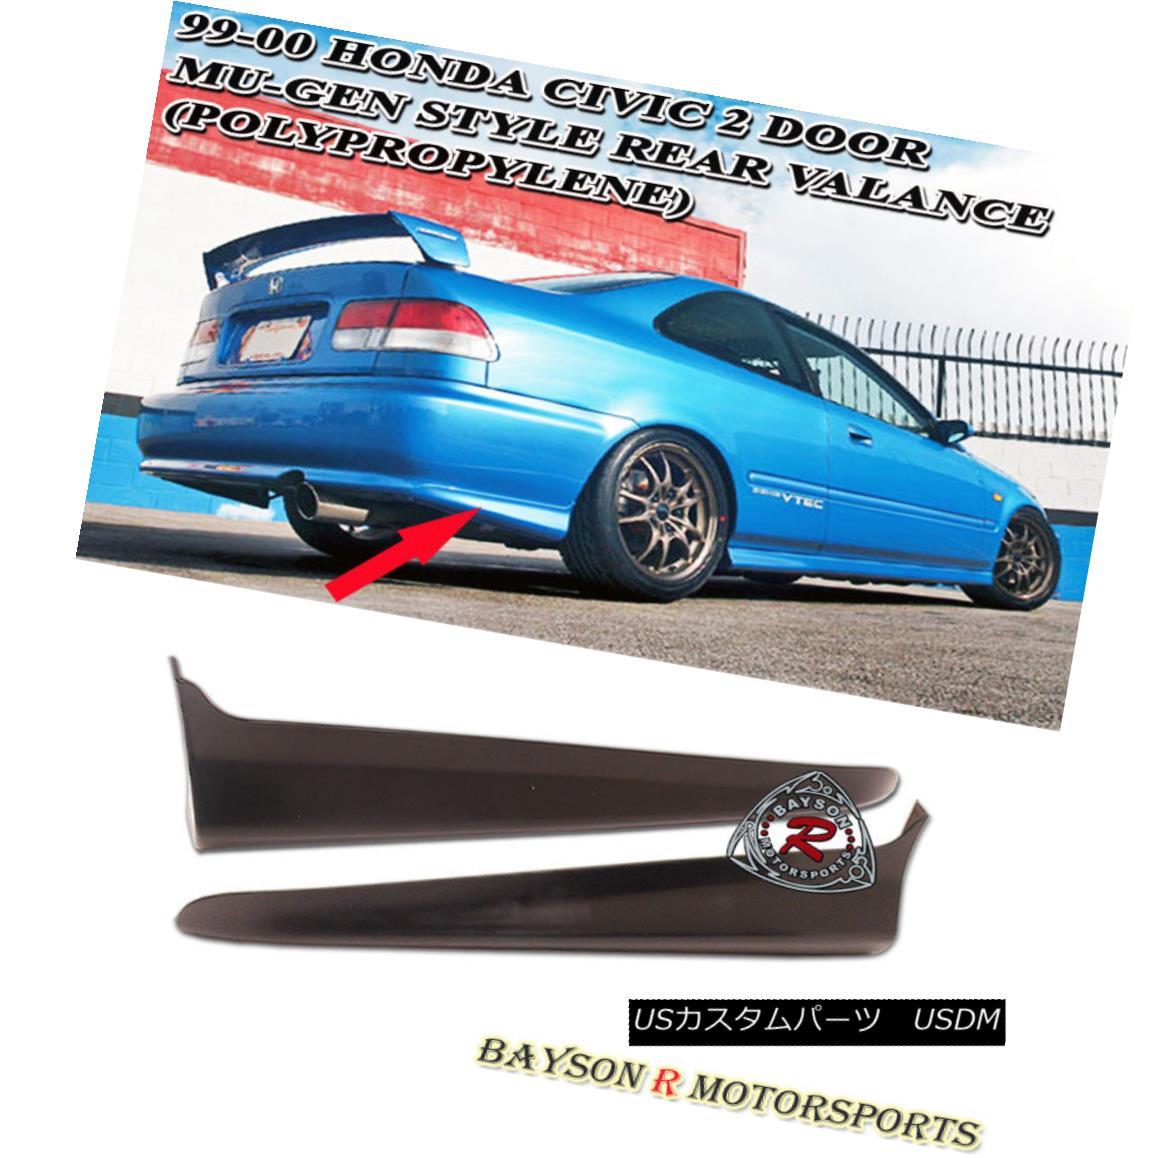 エアロパーツ Mu-gen style Rear Spats Caps Lip Valences Aprons (PU) Fits 99-00 Civic 2dr EK Mu-genスタイルリアスパッツキャップリップヴァレンスエプロン(PU)99-00 Civic 2dr EK